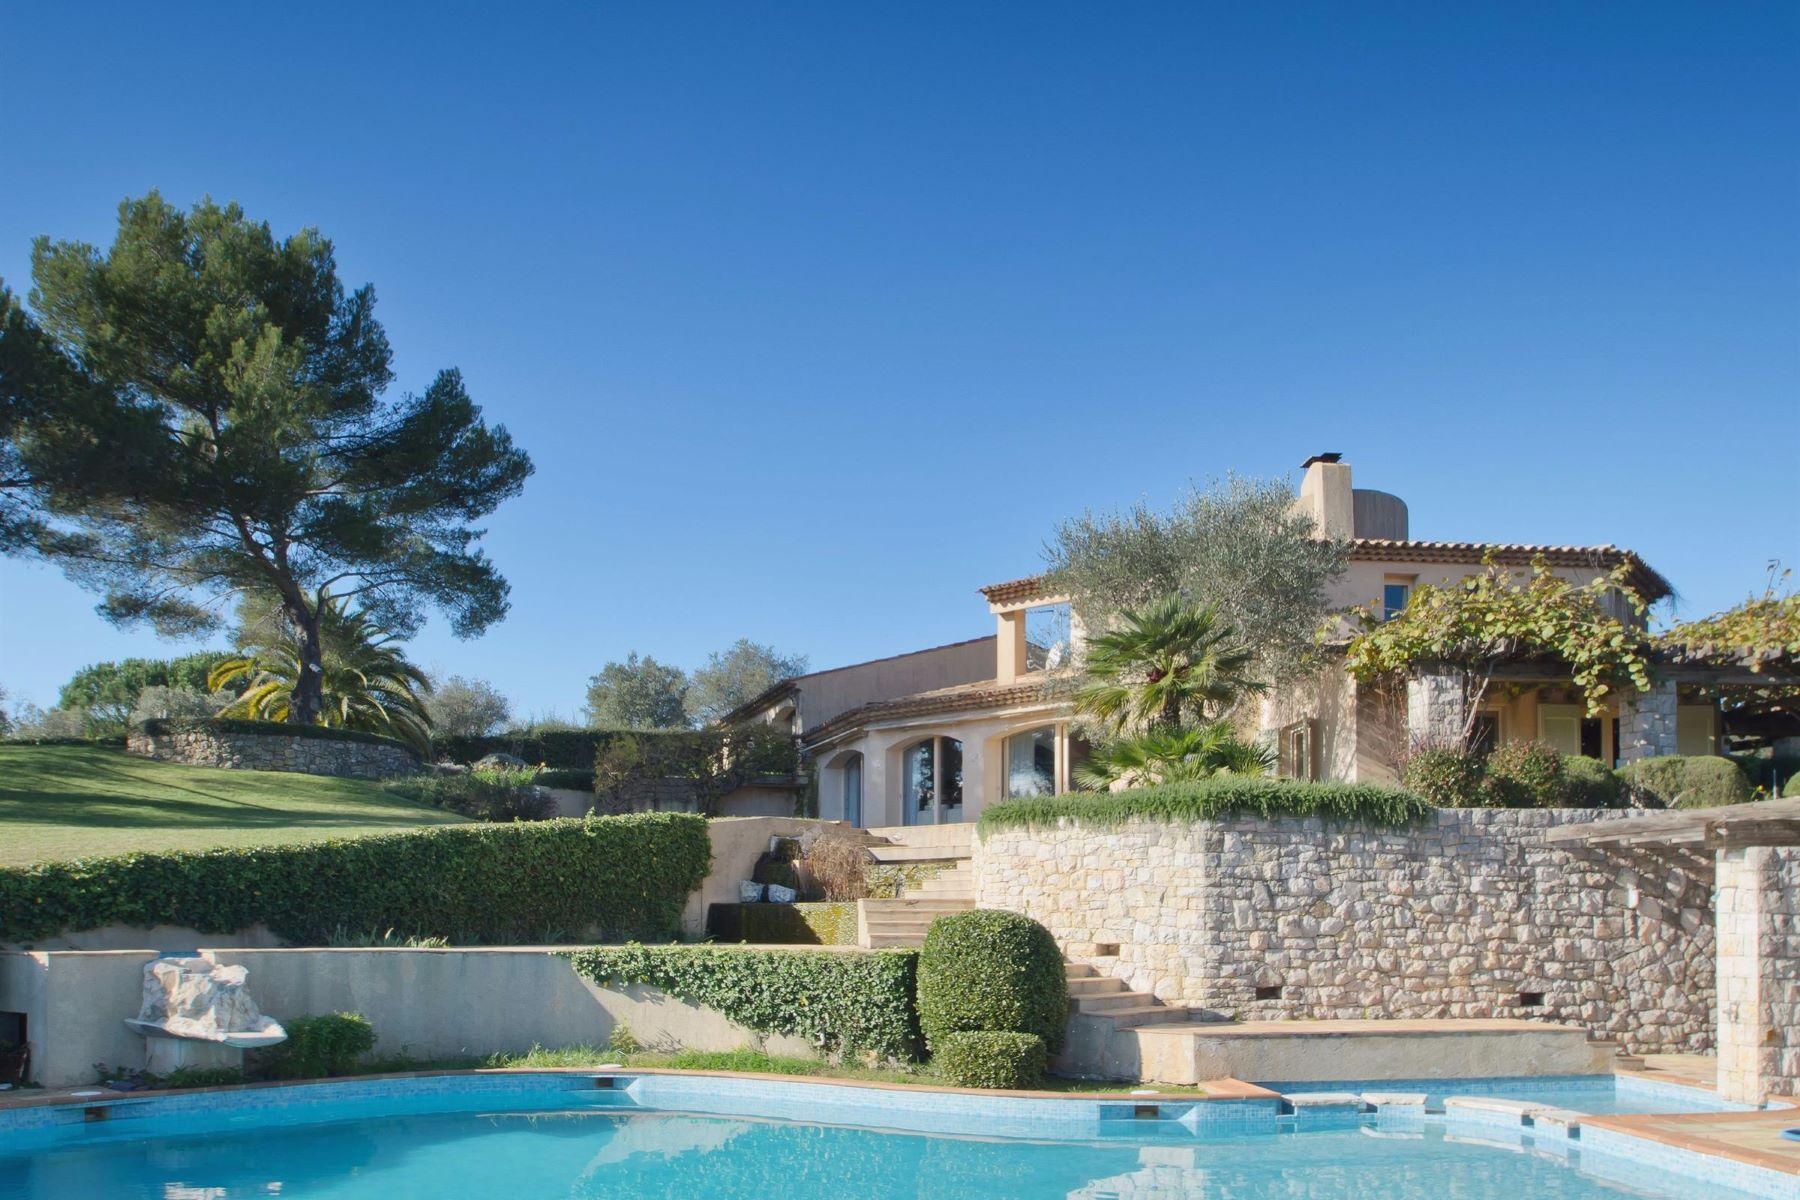 Maison unifamiliale pour l Vente à Lovely Provencal villa for sale in a secured domain of Mougins Mougins, Provence-Alpes-Cote D'Azur, 06250 France